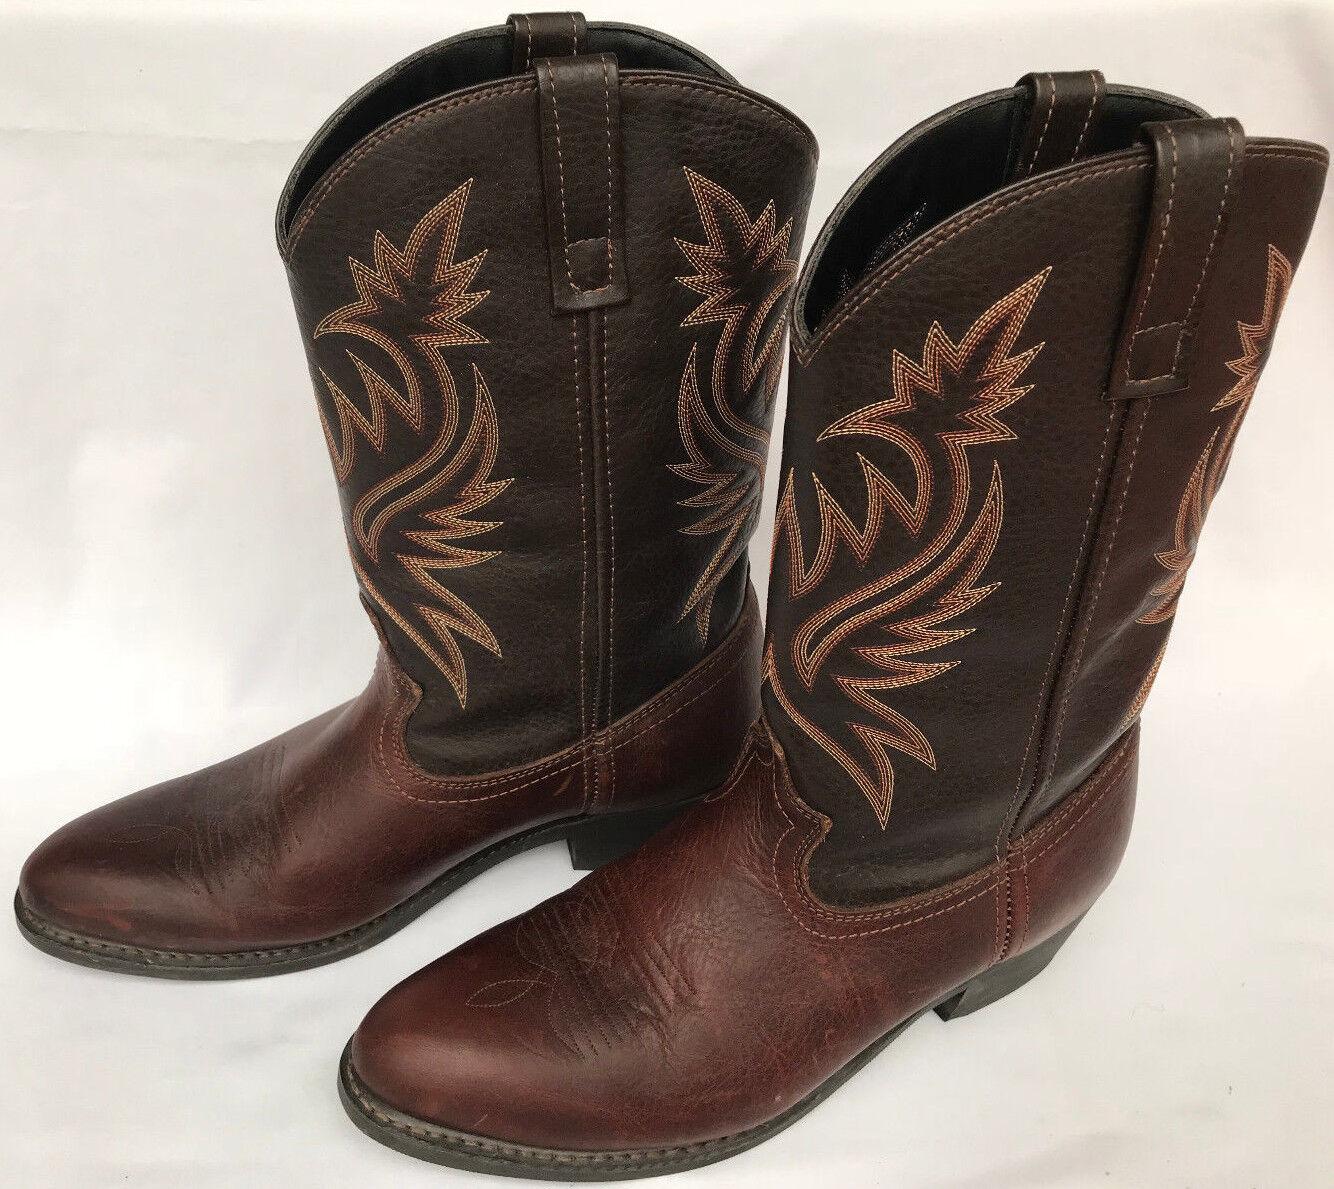 Laredo Paris Western 4243 Copper Brown Leather Rodeo Cowboy Boots Men's 11.5 D